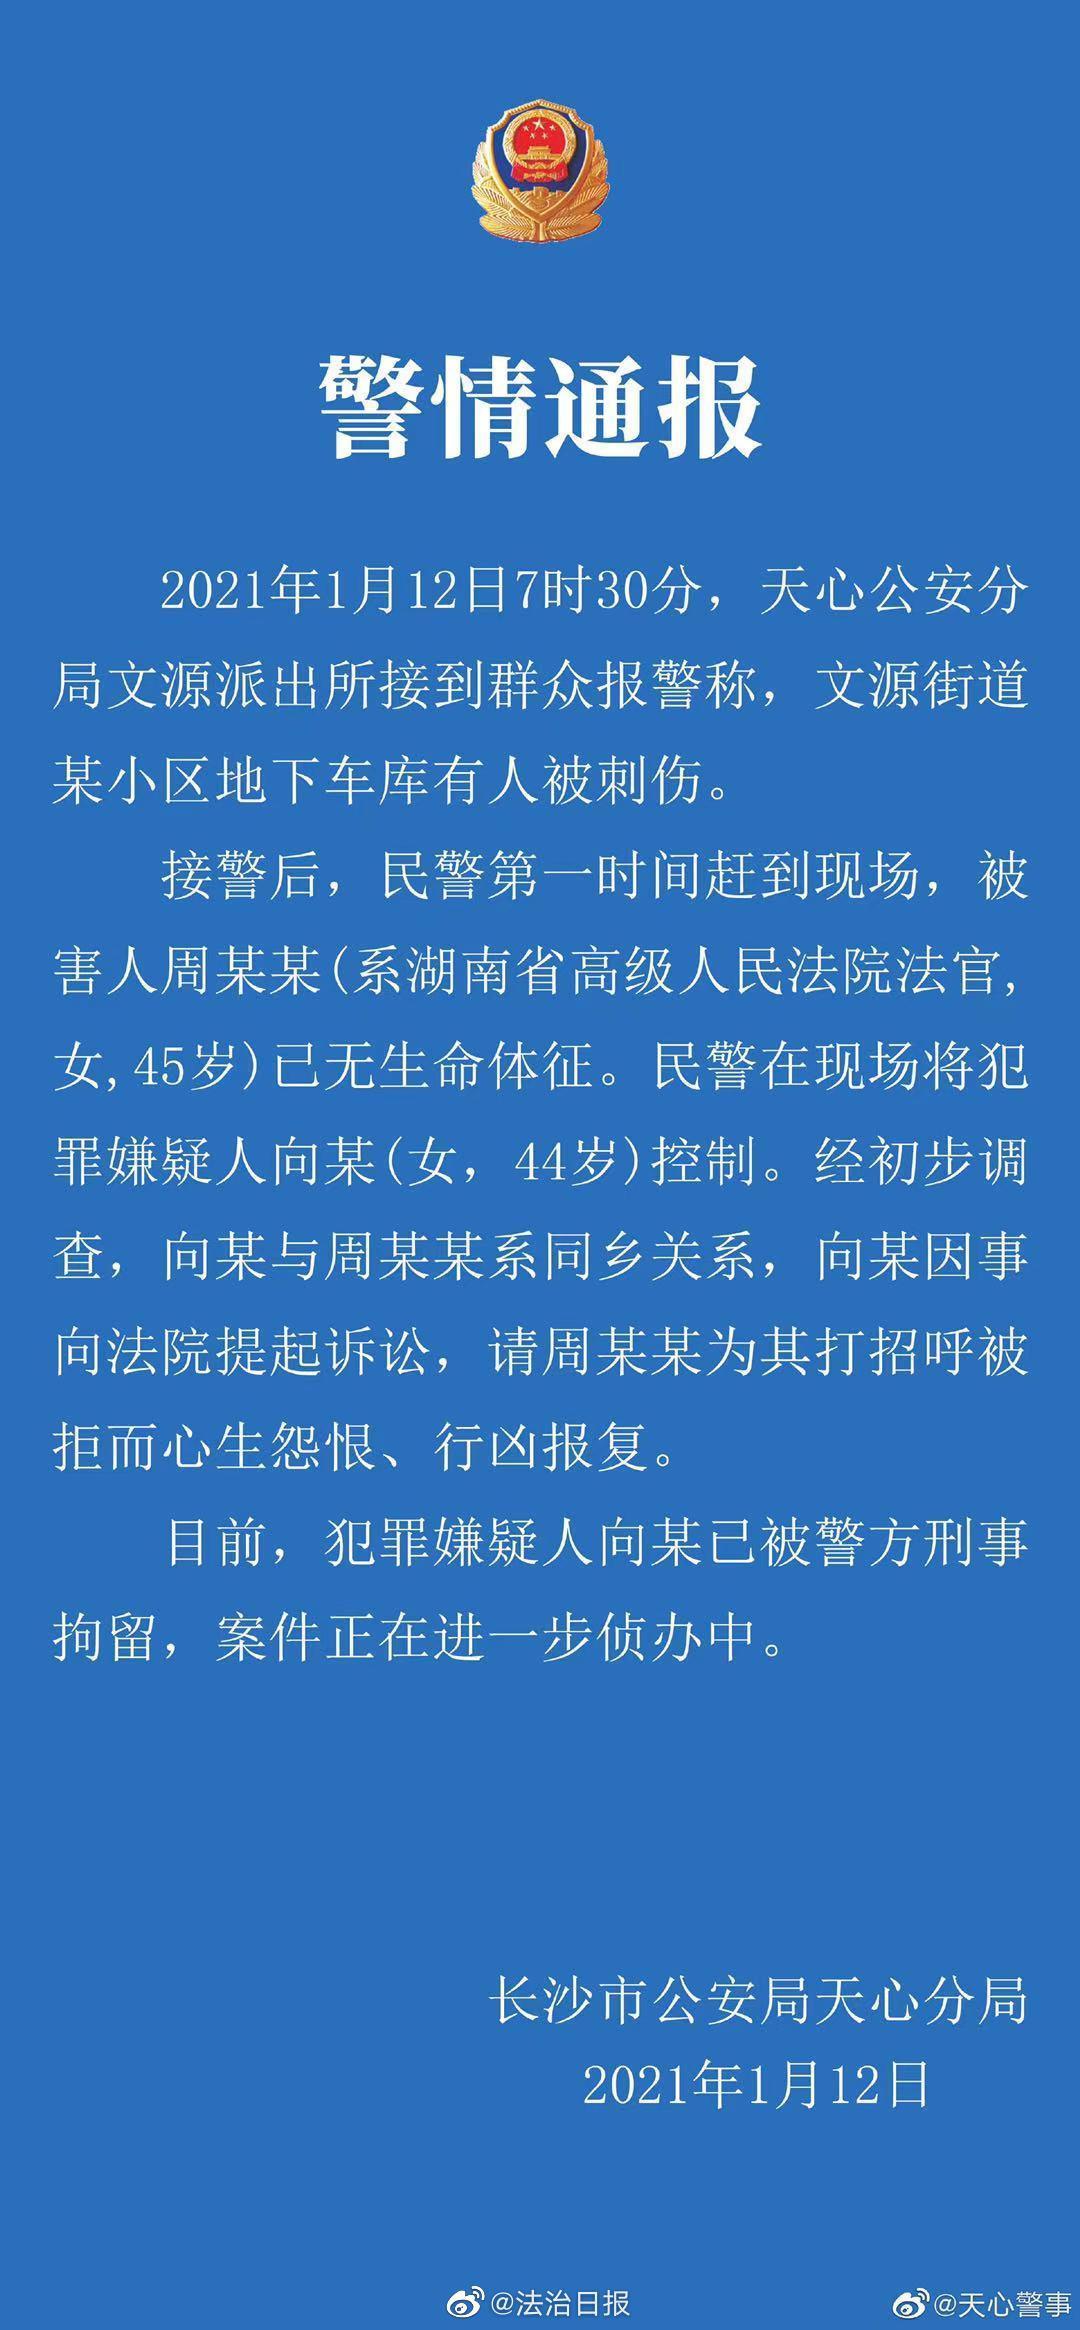 警方通报湖南高院副庭长遇害 究竟是怎么一回事?